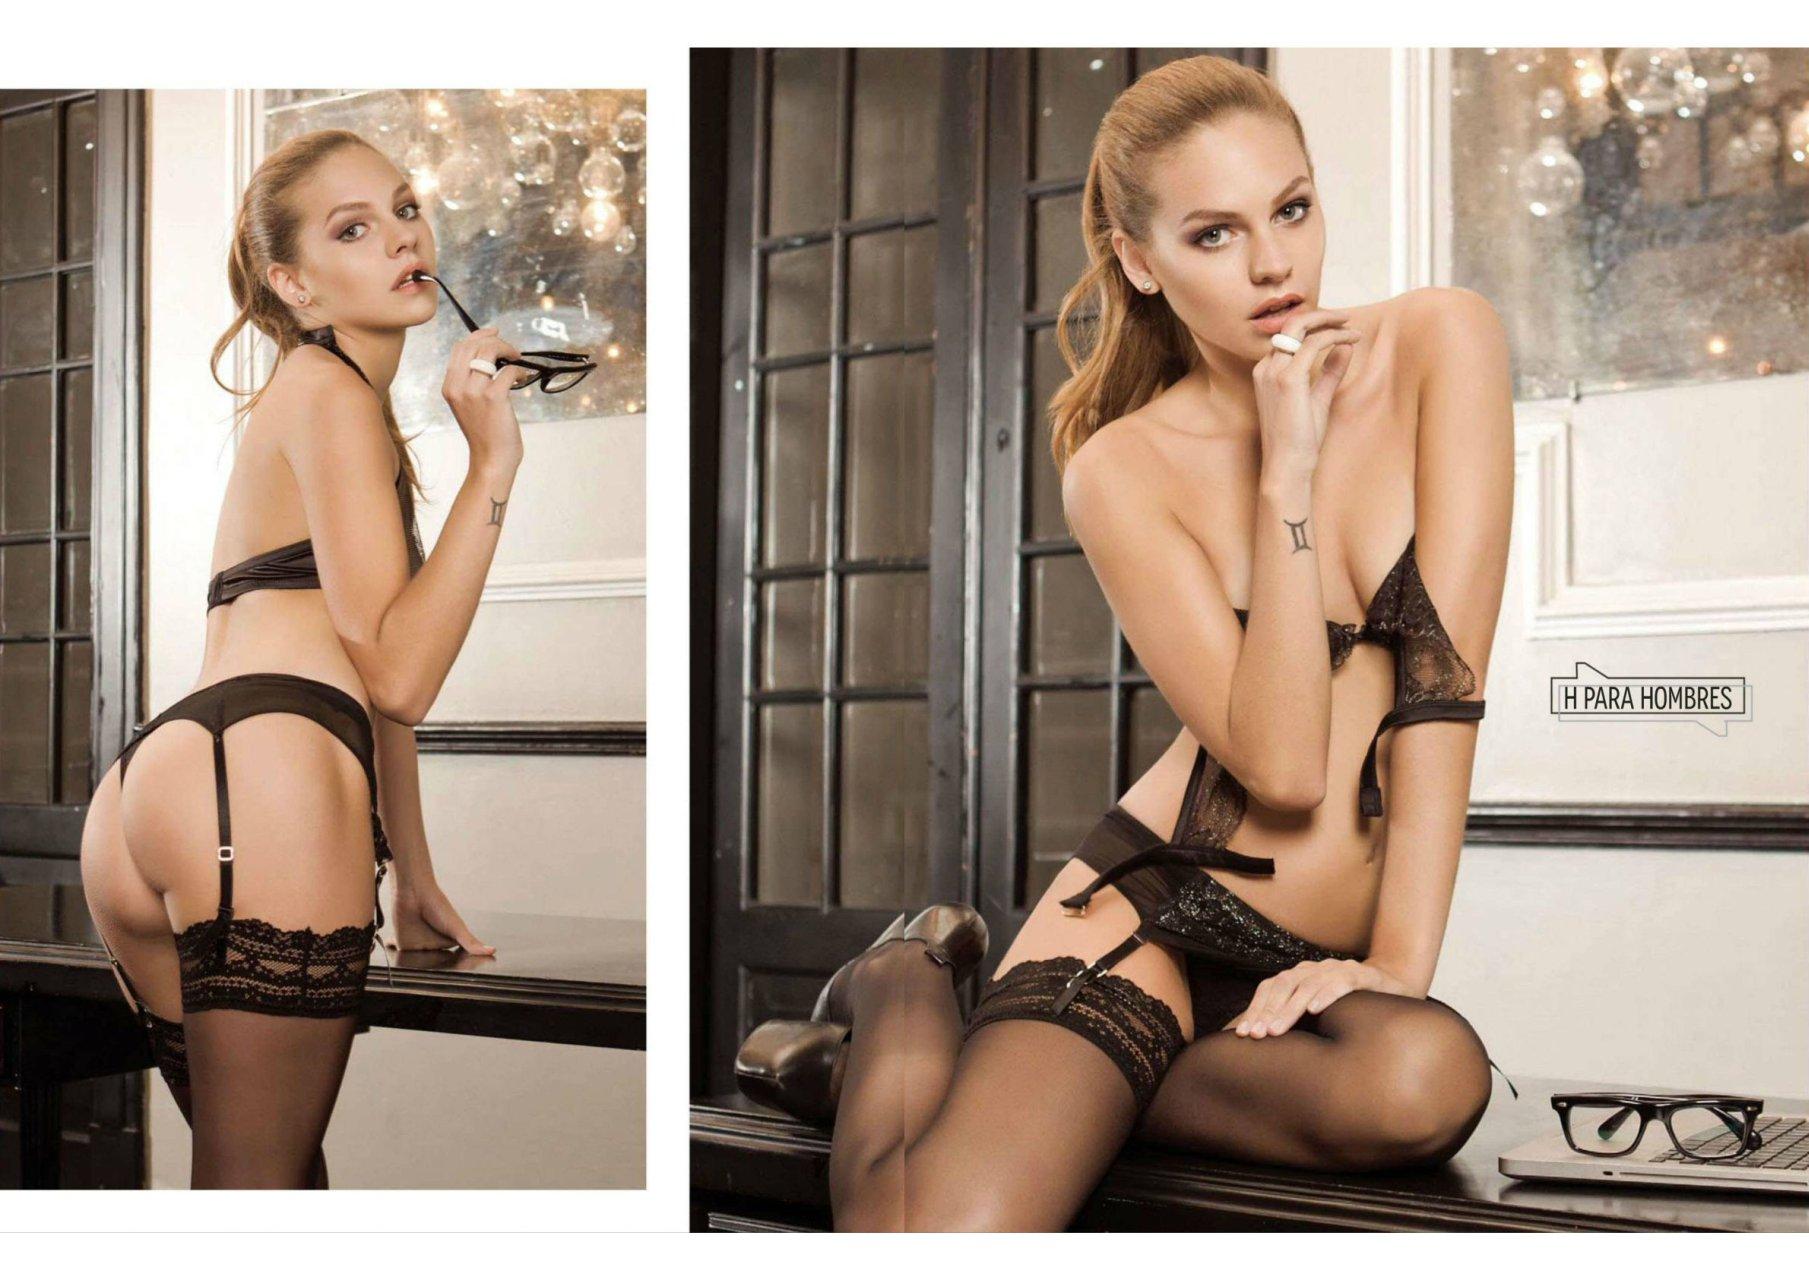 Sofia wilkowski naked nudes (56 photo)